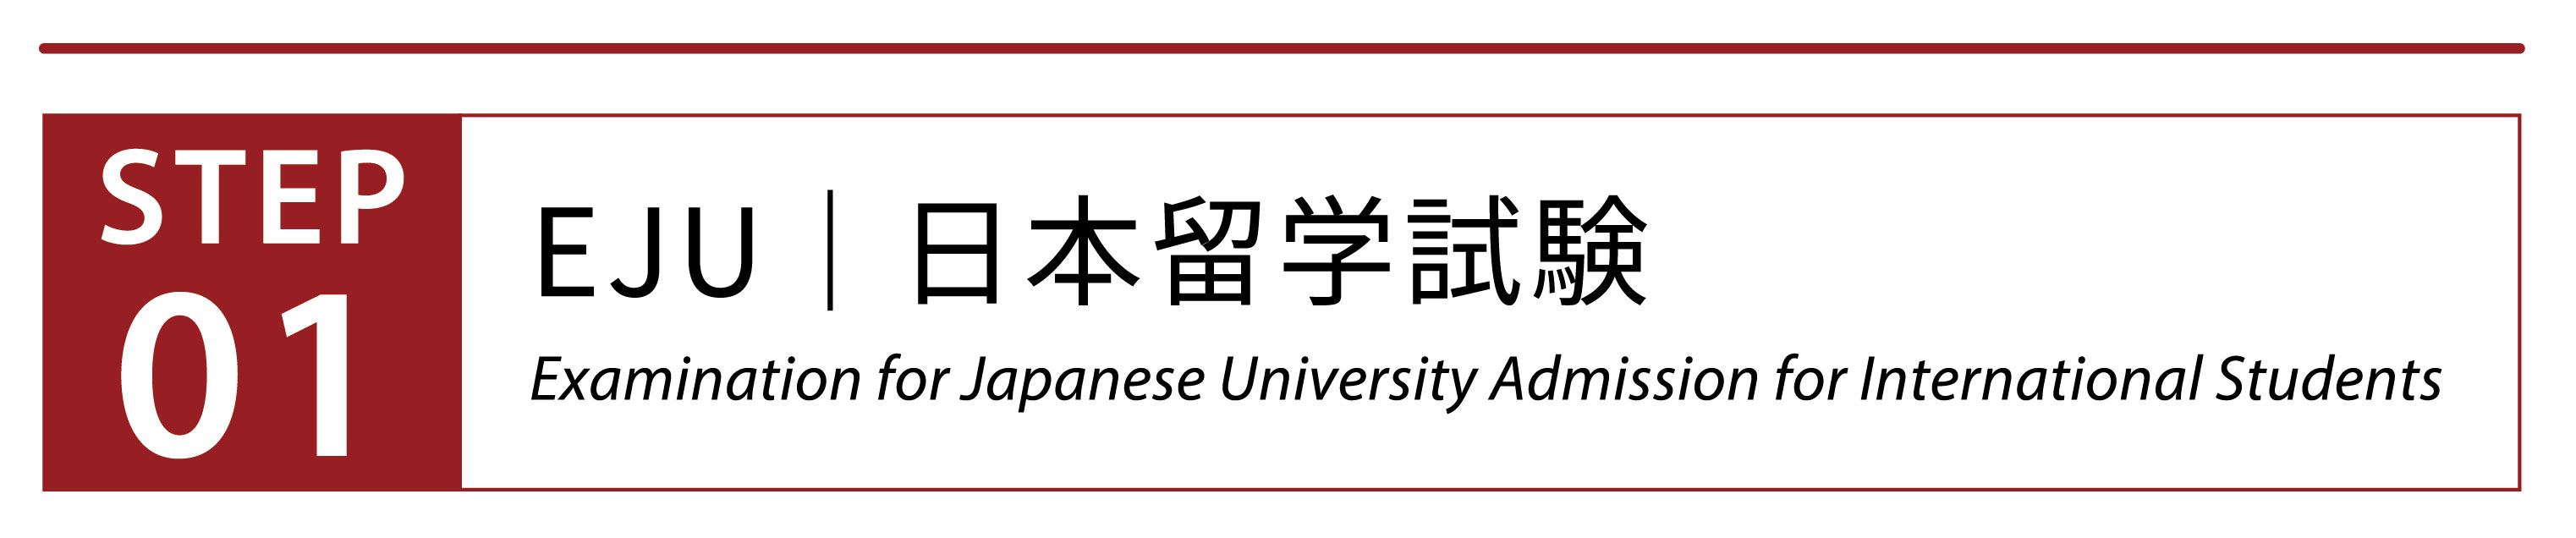 日本留学試験